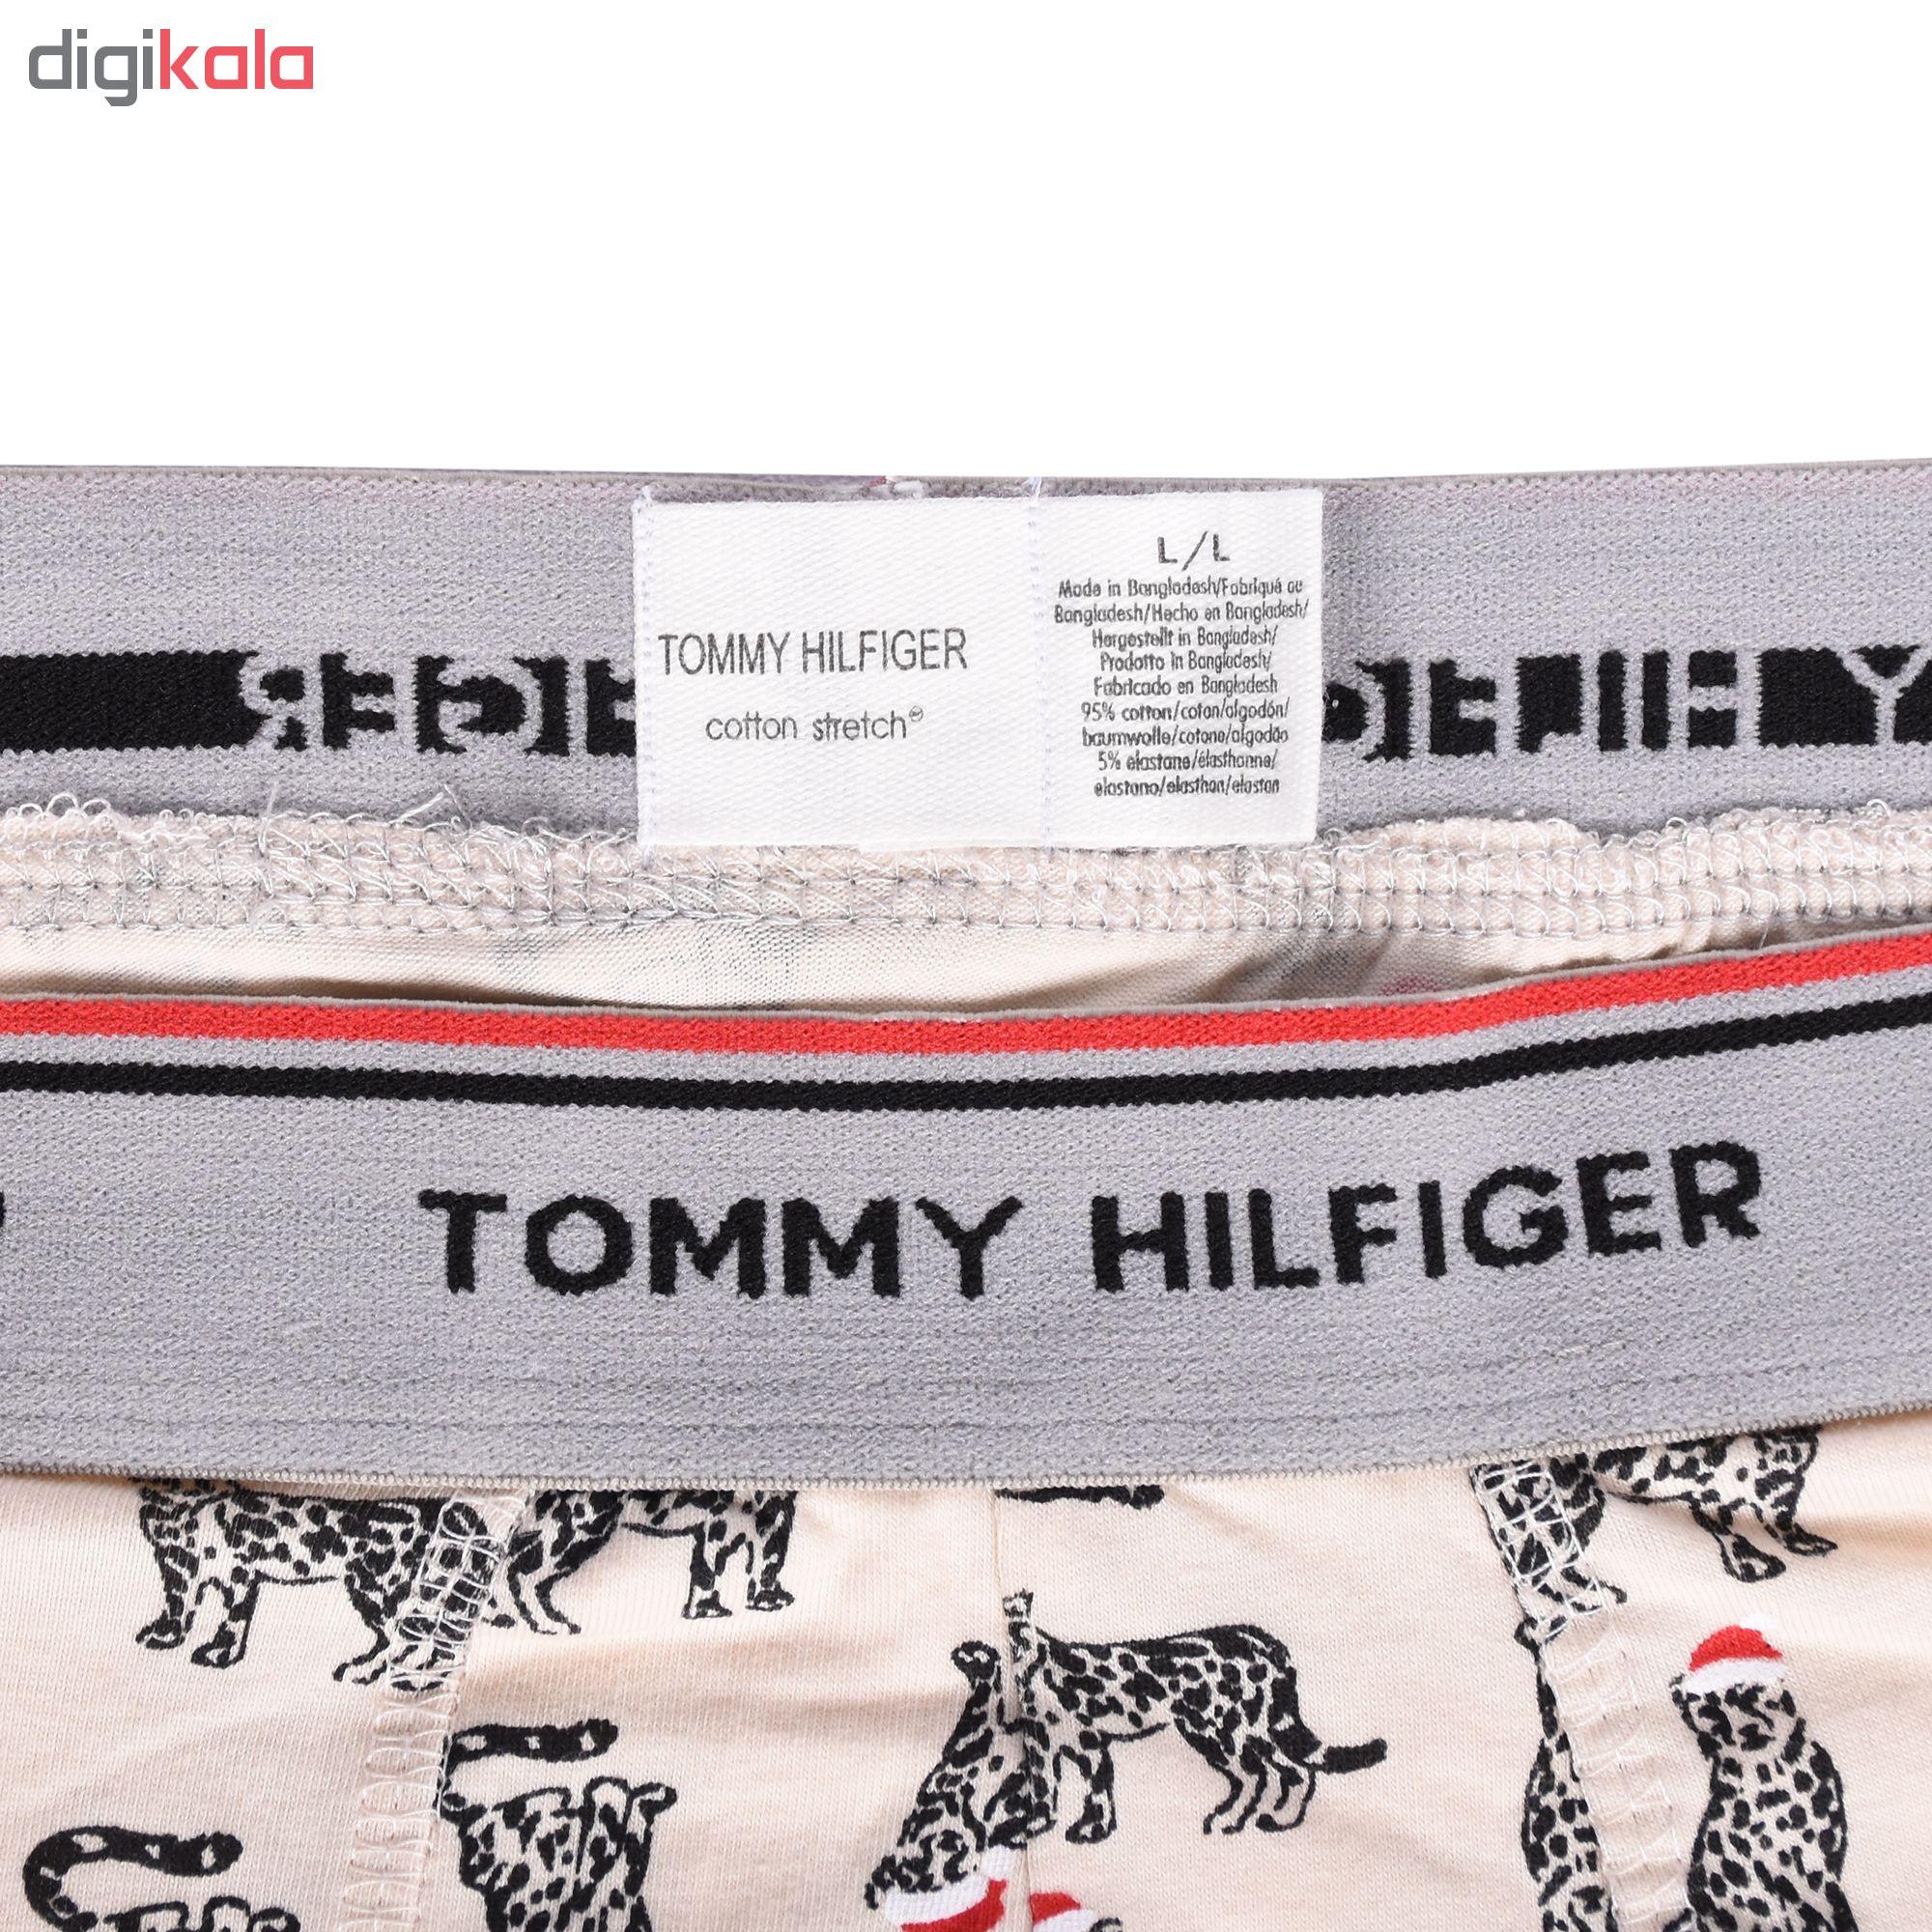 شورت مردانه تامی هیلفیگر مدل TOD4-97022 مجموعه ۳ عددی